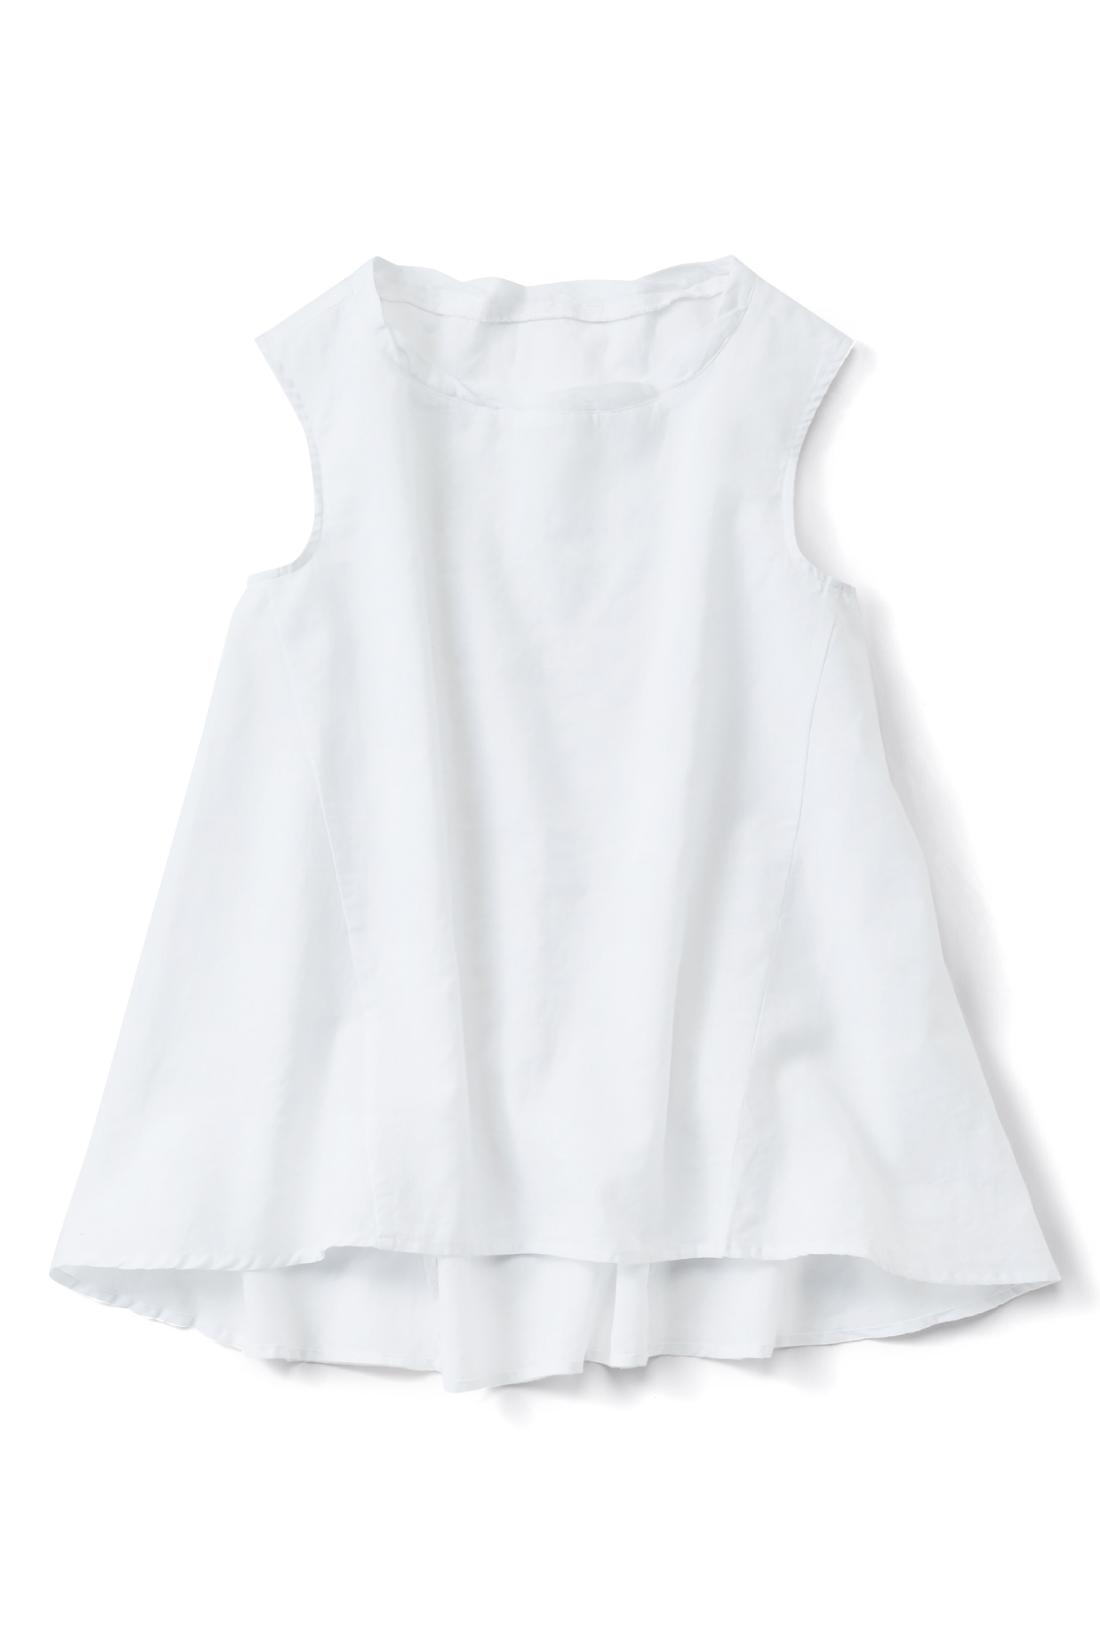 【ホワイト】Aラインで体形カバー力バツグンです。かろやかな薄手の麻混生地。透け感がさわやか。